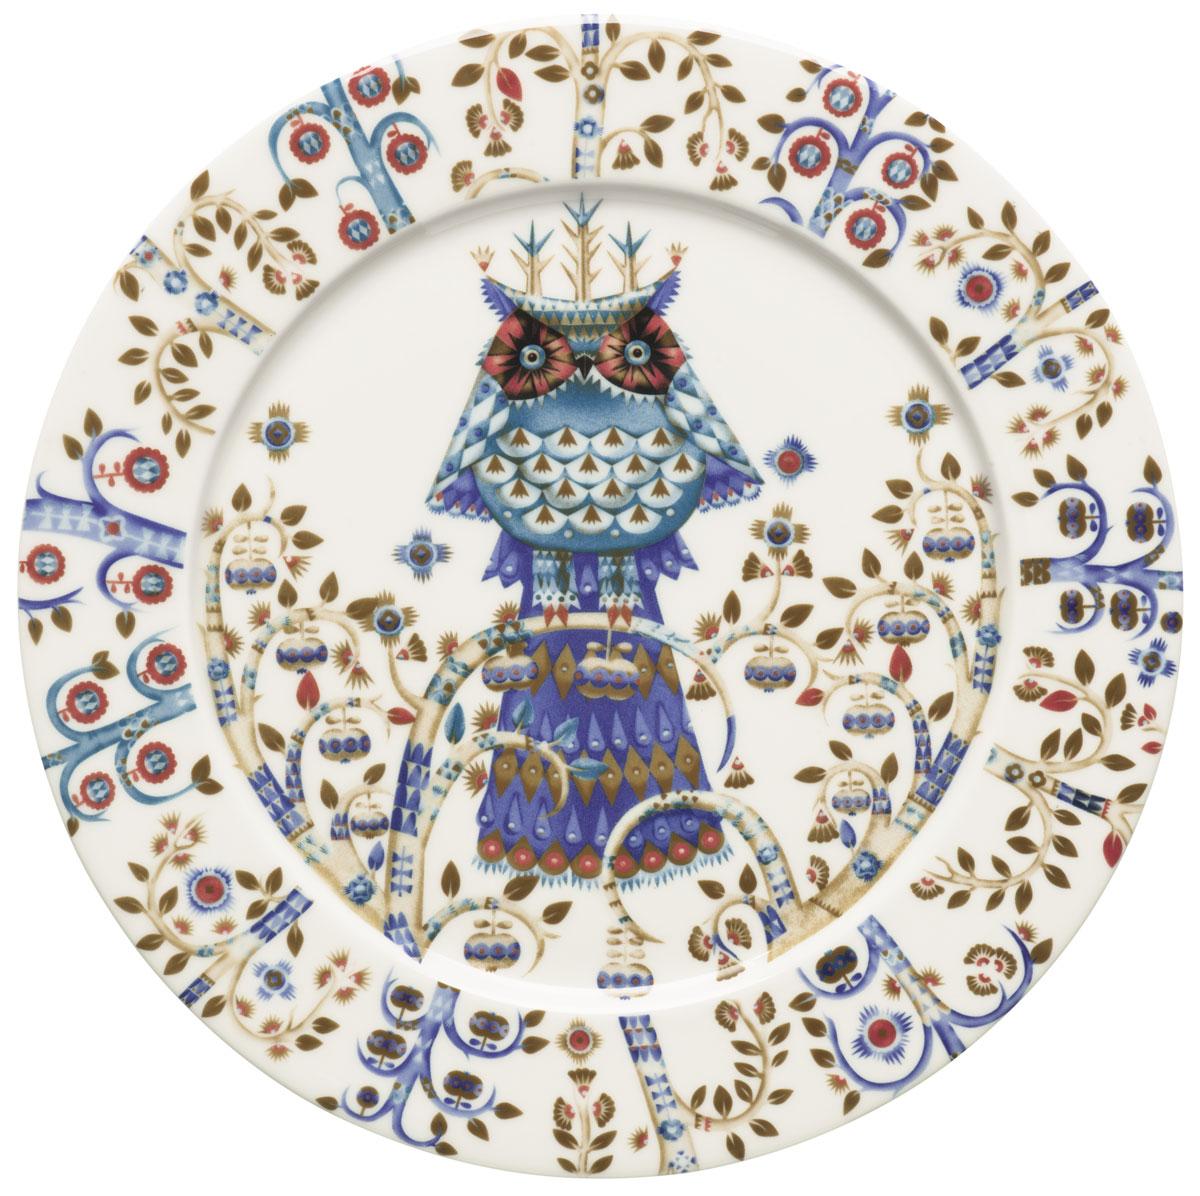 Тарелка Iittala Taika, цвет: белый, диаметр 27 см181040Тарелка Iittala Taika выполнена из качественного жароустойчивого прочного фарфора с долговечным стекловидным эмалевым покрытием.Идеально подойдет для сервировки стола и станет отличным подарком к любому празднику.